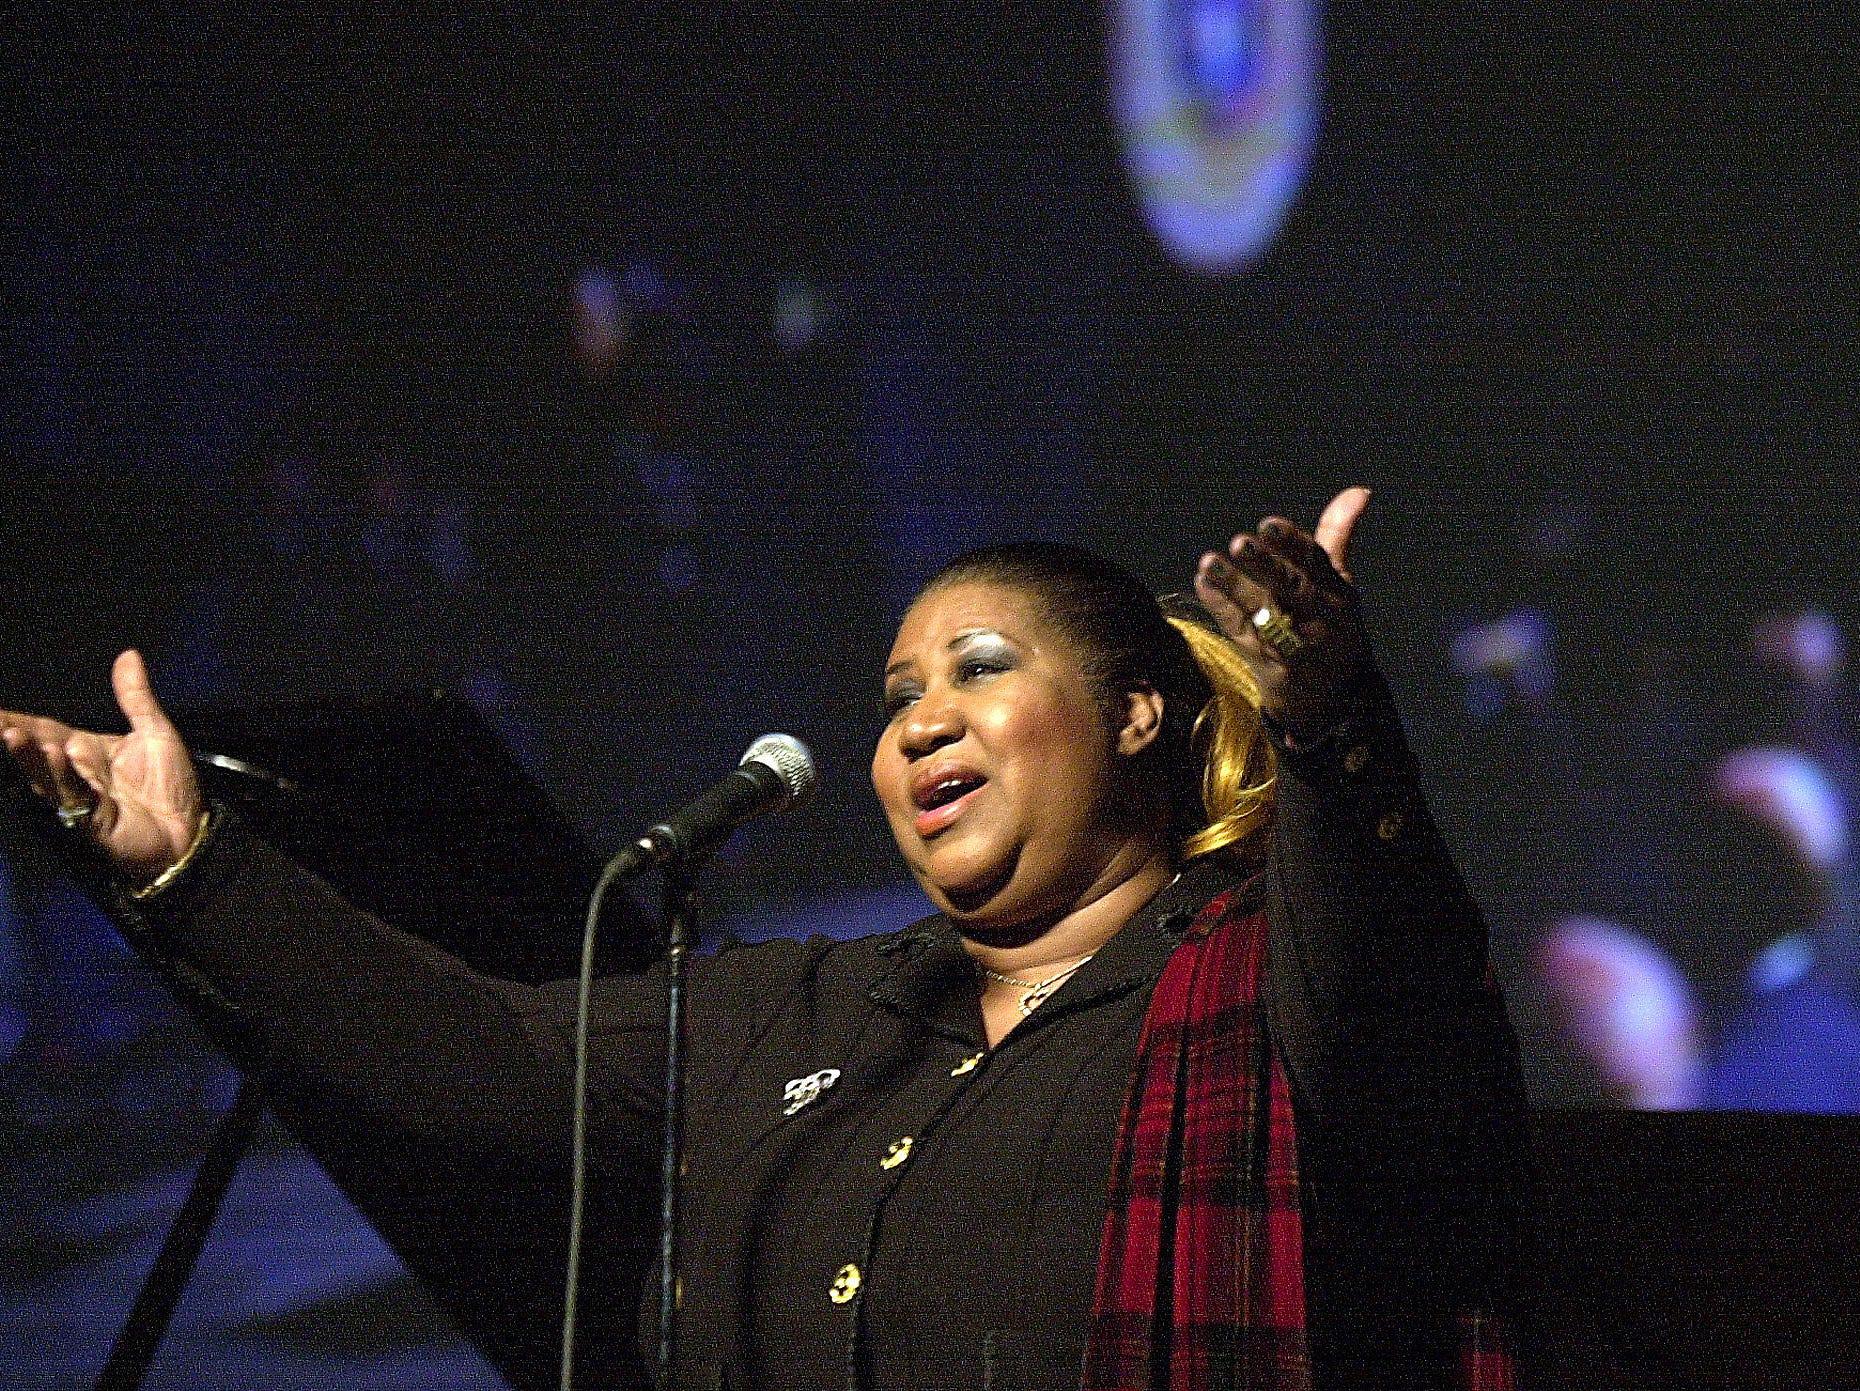 Aretha Franklin sings at Gov.Jennifer Granholm's Inaugural Festivities in the Lansing Center, Jan. 1, 2003.